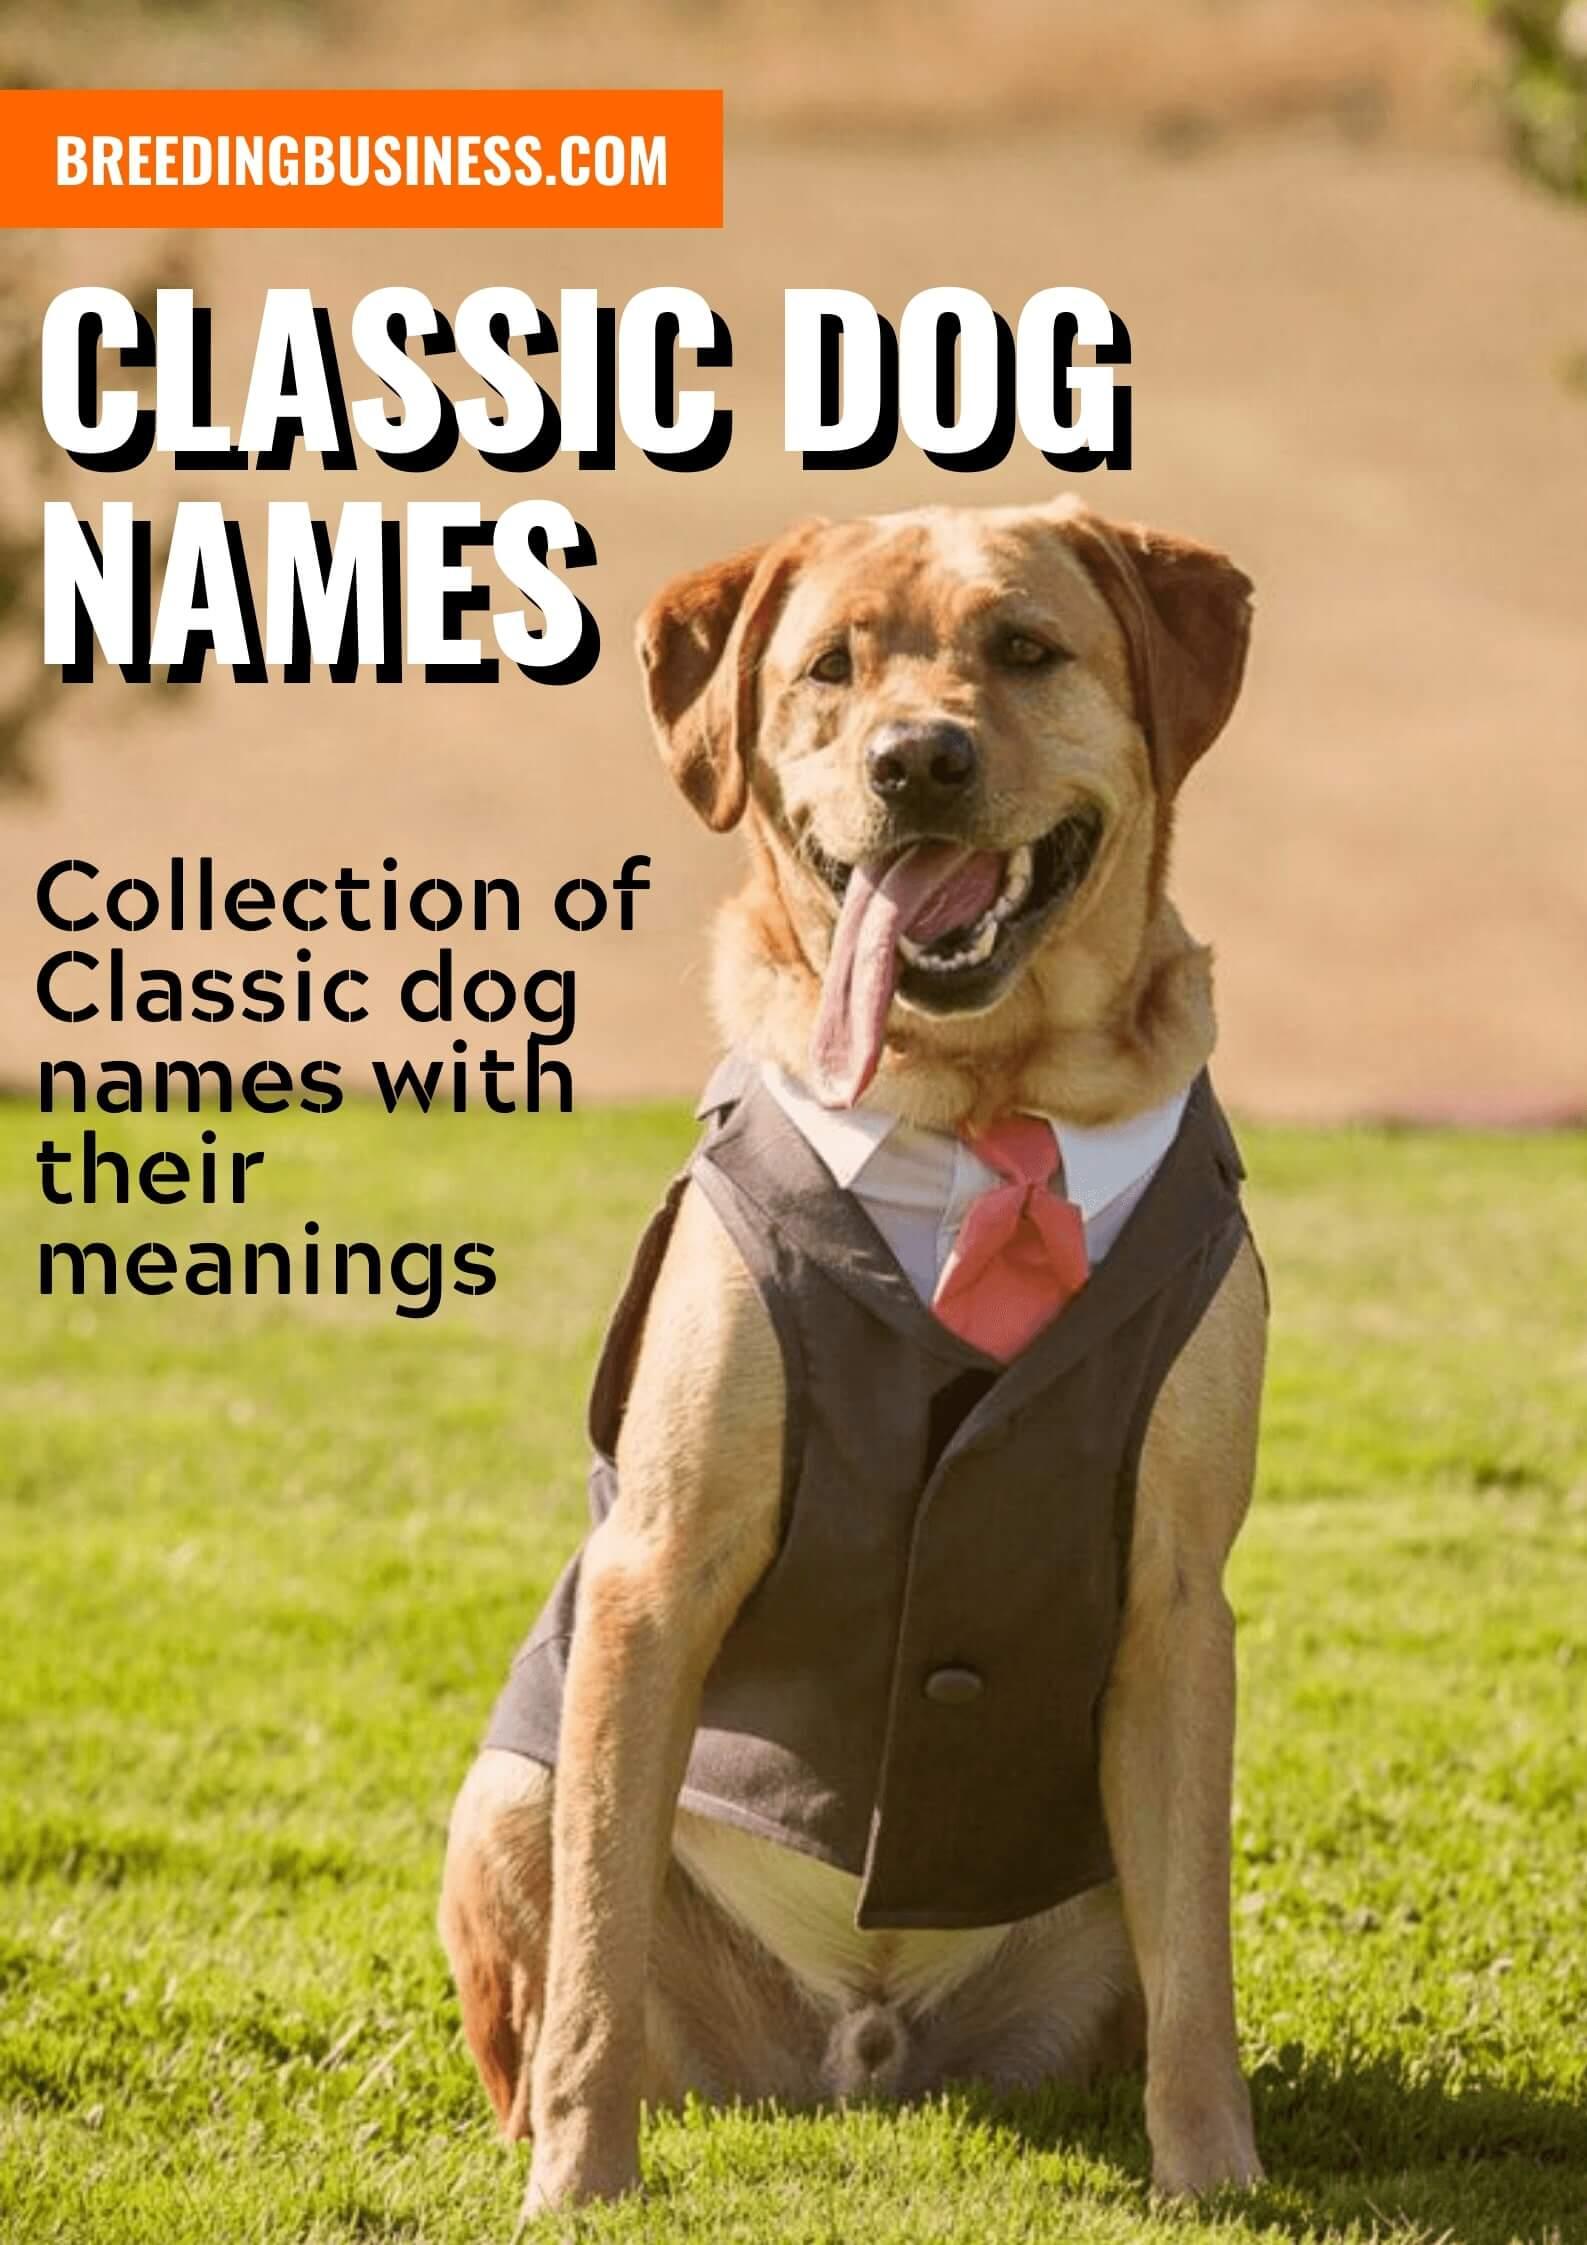 Classic Dog Names